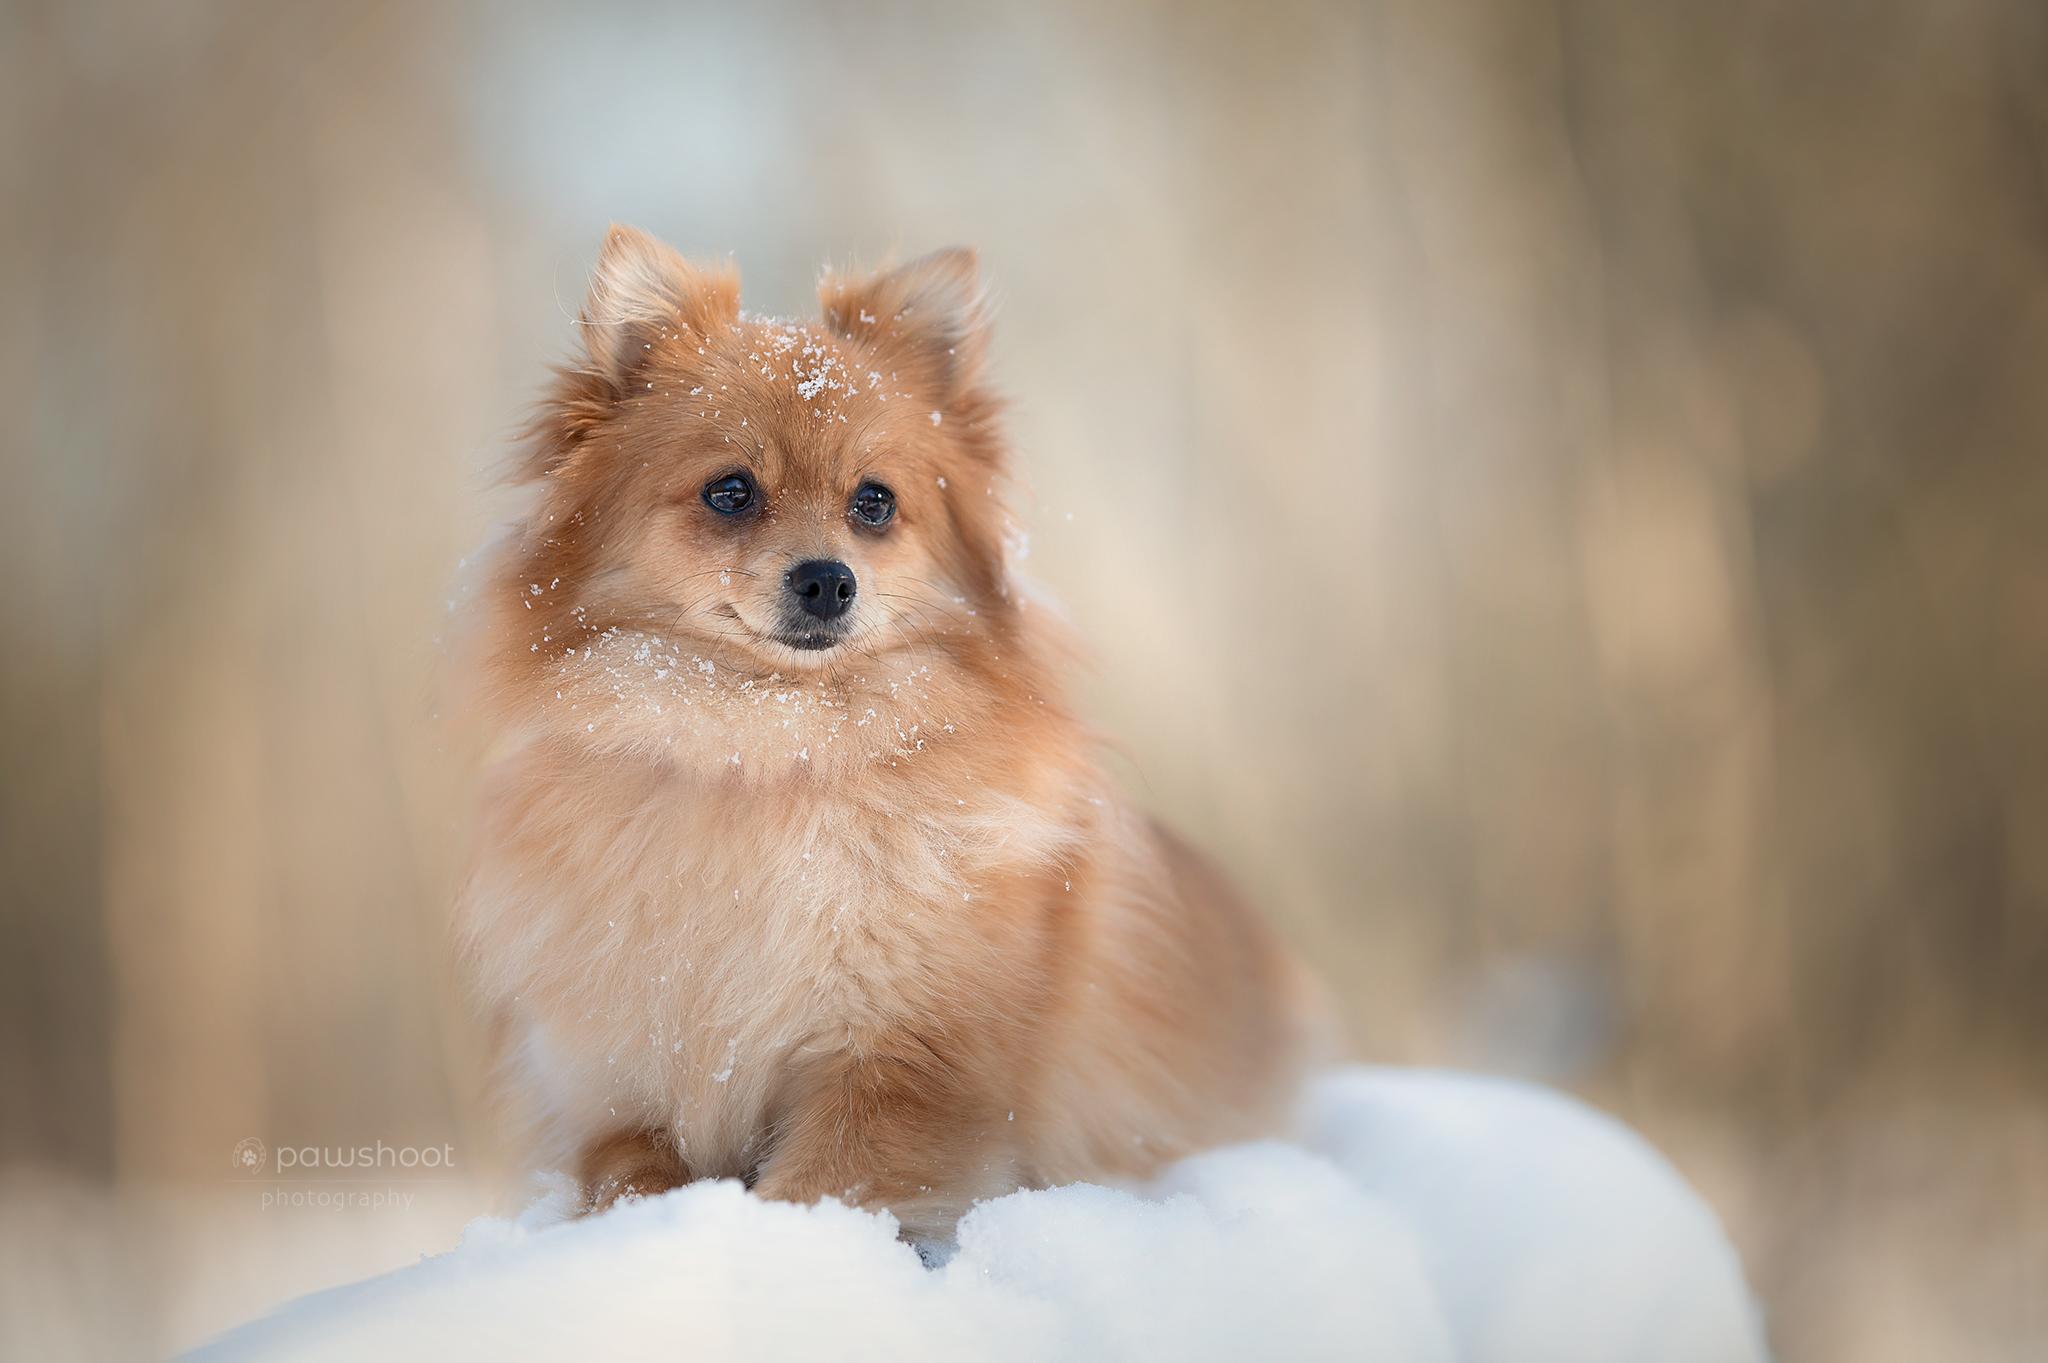 dwergkees in sneeuw Pawshoot hondenfotografie